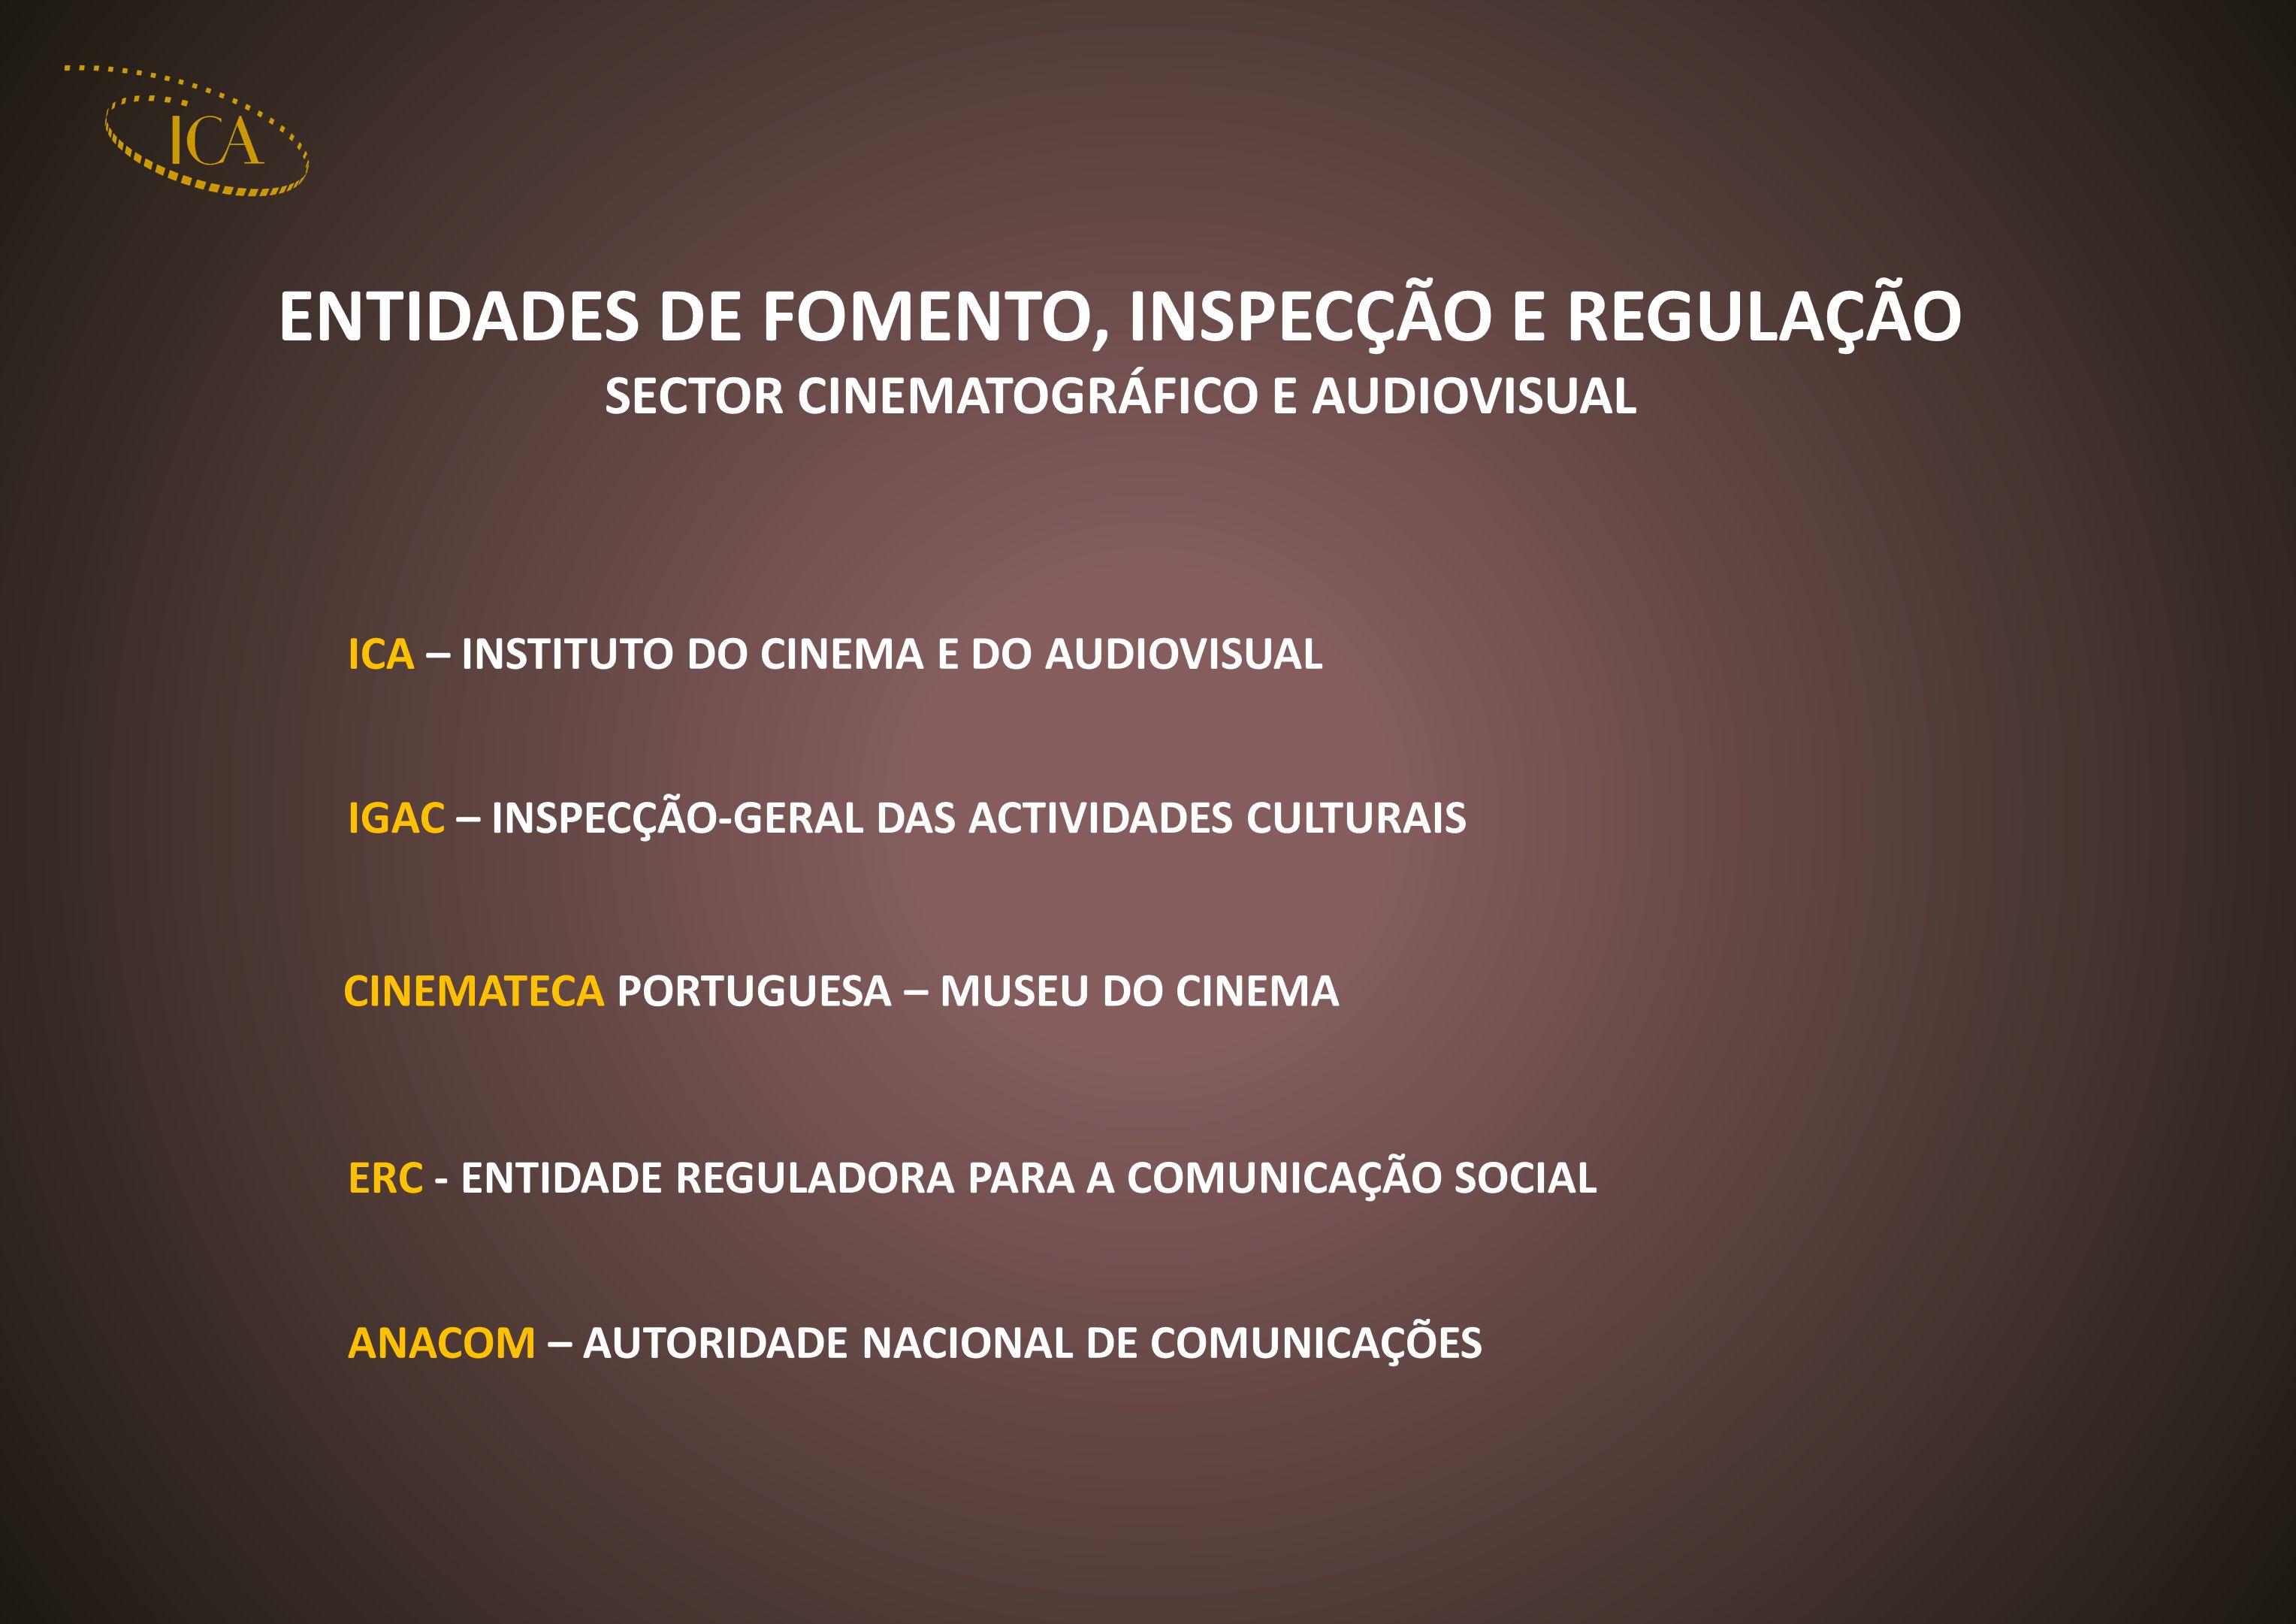 ANACOM – AUTORIDADE NACIONAL DE COMUNICAÇÕES ENTIDADES DE FOMENTO, INSPECÇÃO E REGULAÇÃO SECTOR CINEMATOGRÁFICO E AUDIOVISUAL ICA – INSTITUTO DO CINEM